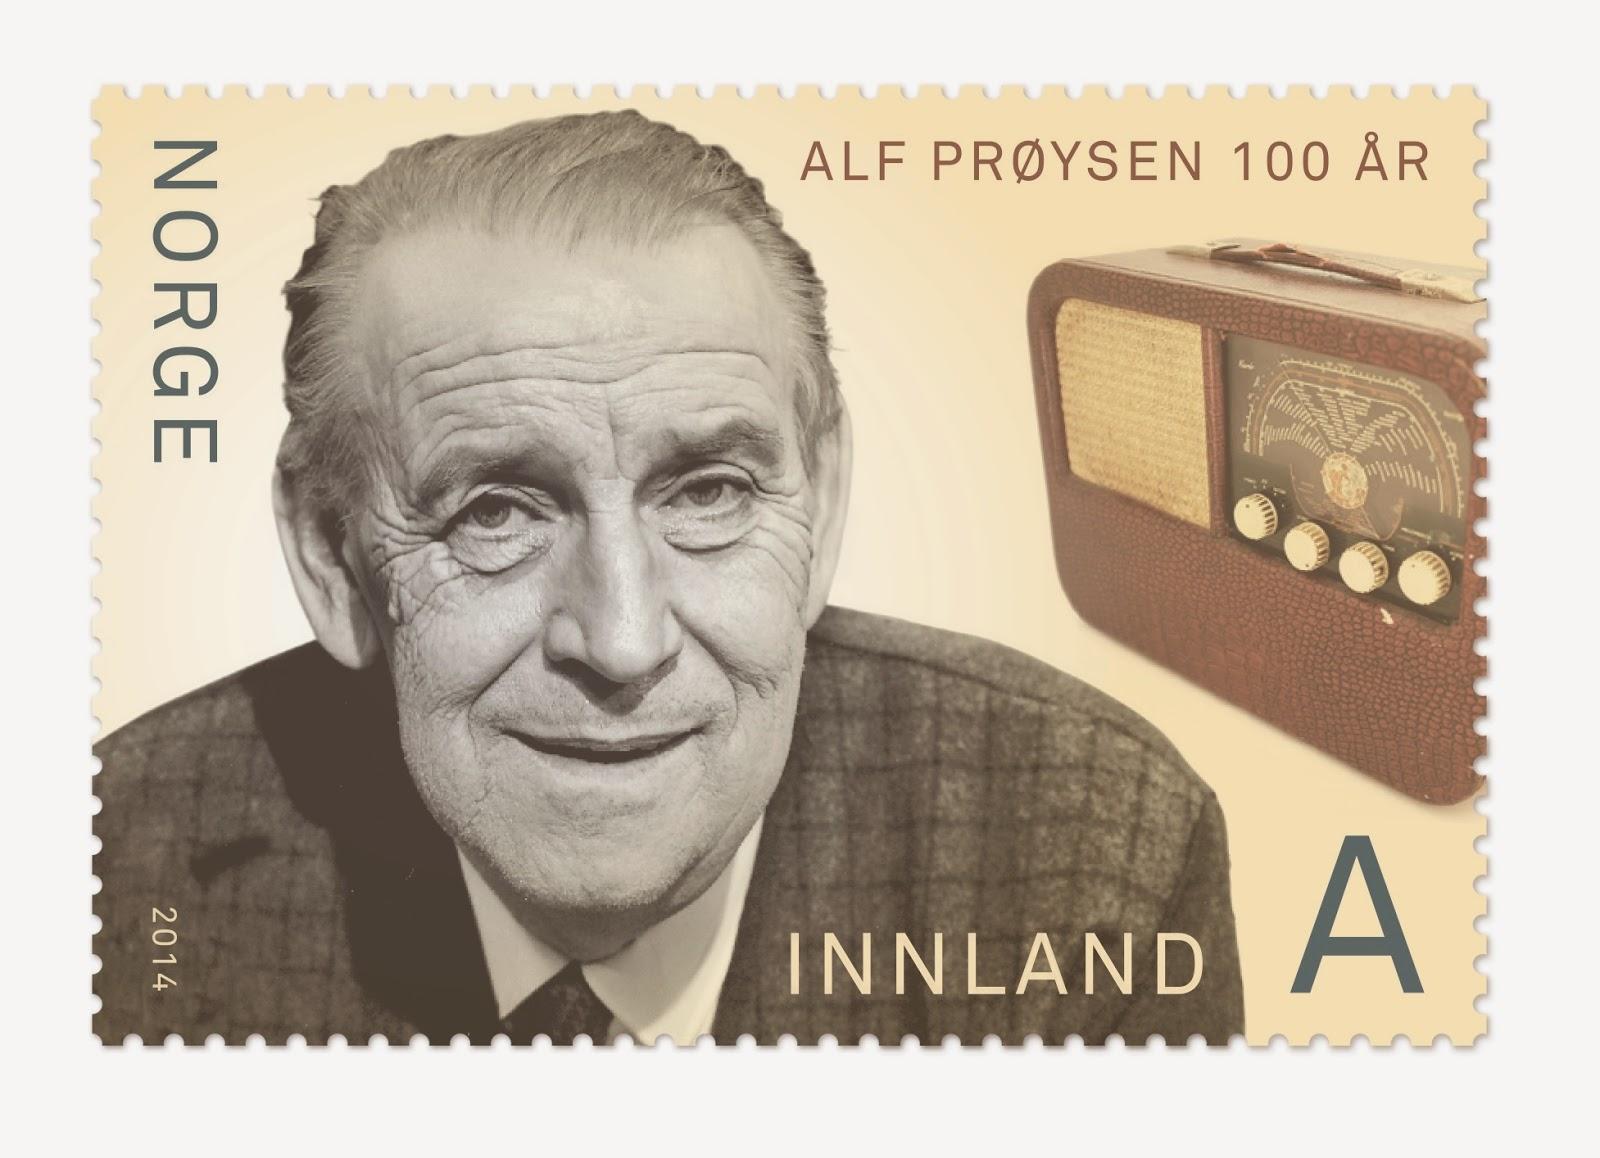 Alf Prøysen [23 de julio de 1914 – 23 de noviembre de 1970